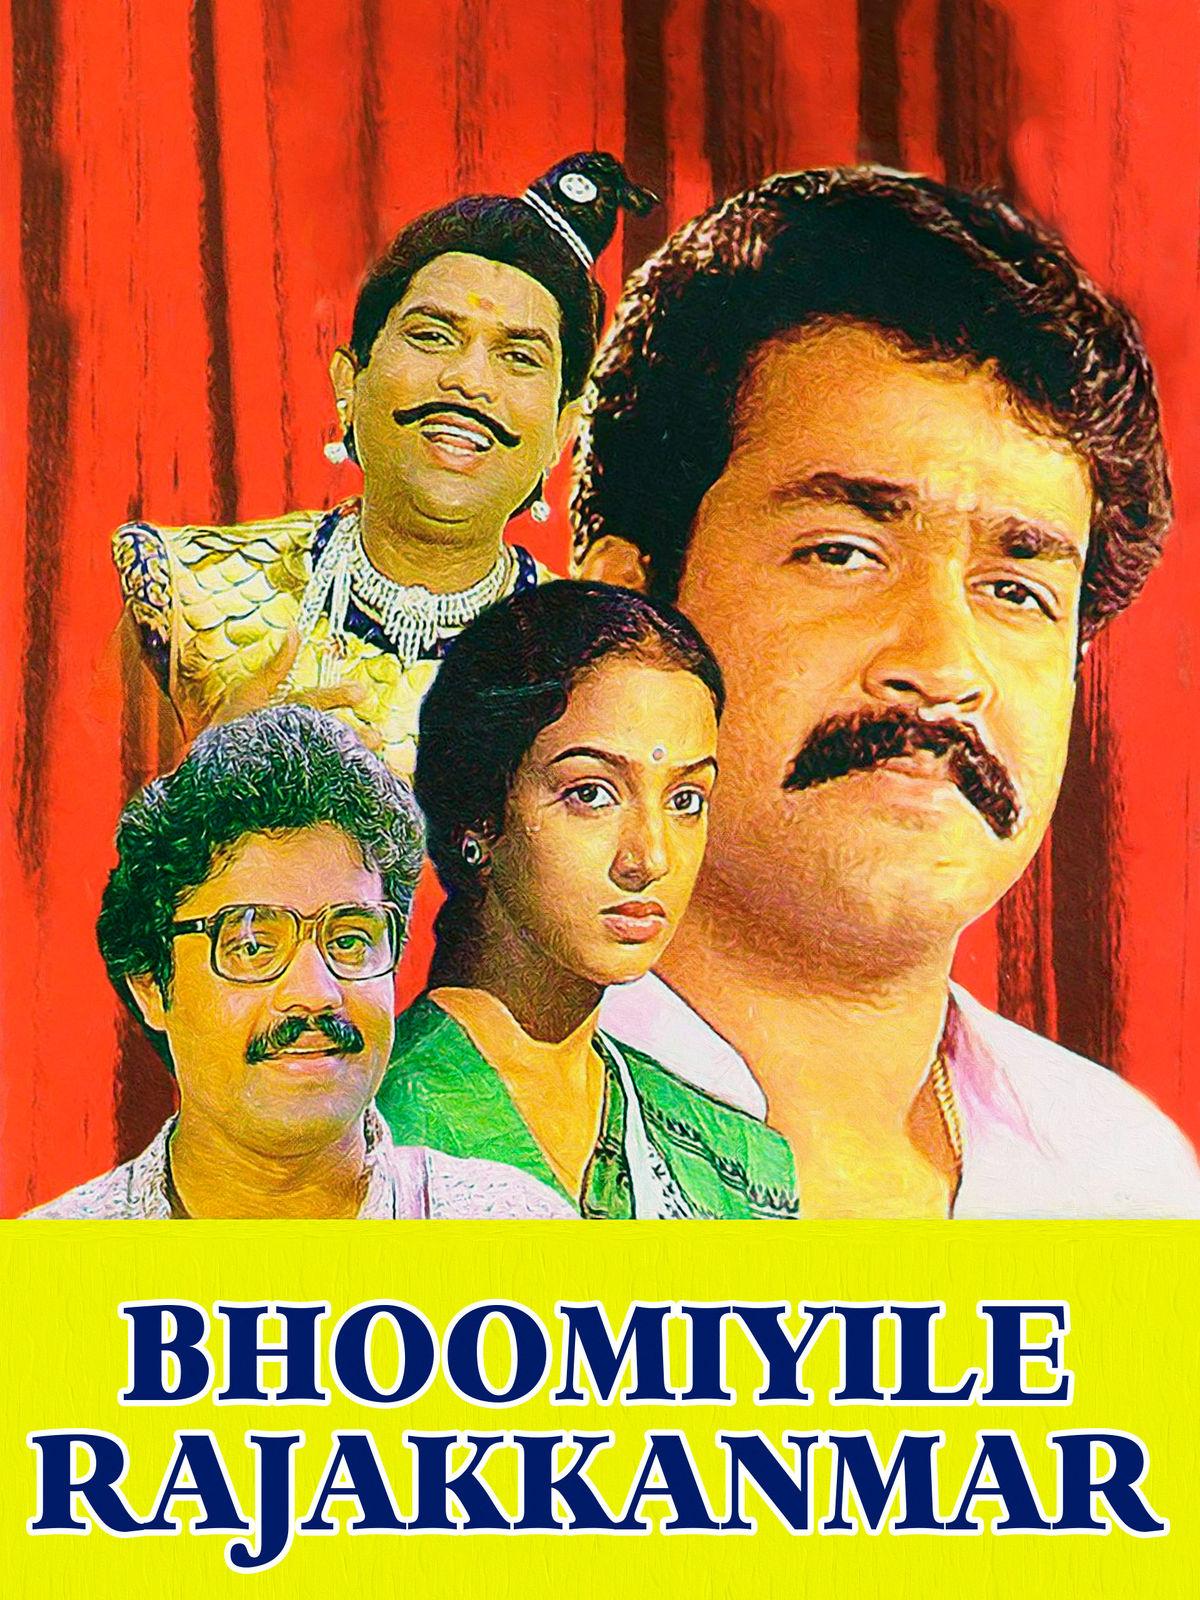 Bhoomiyile Rajakkanmar